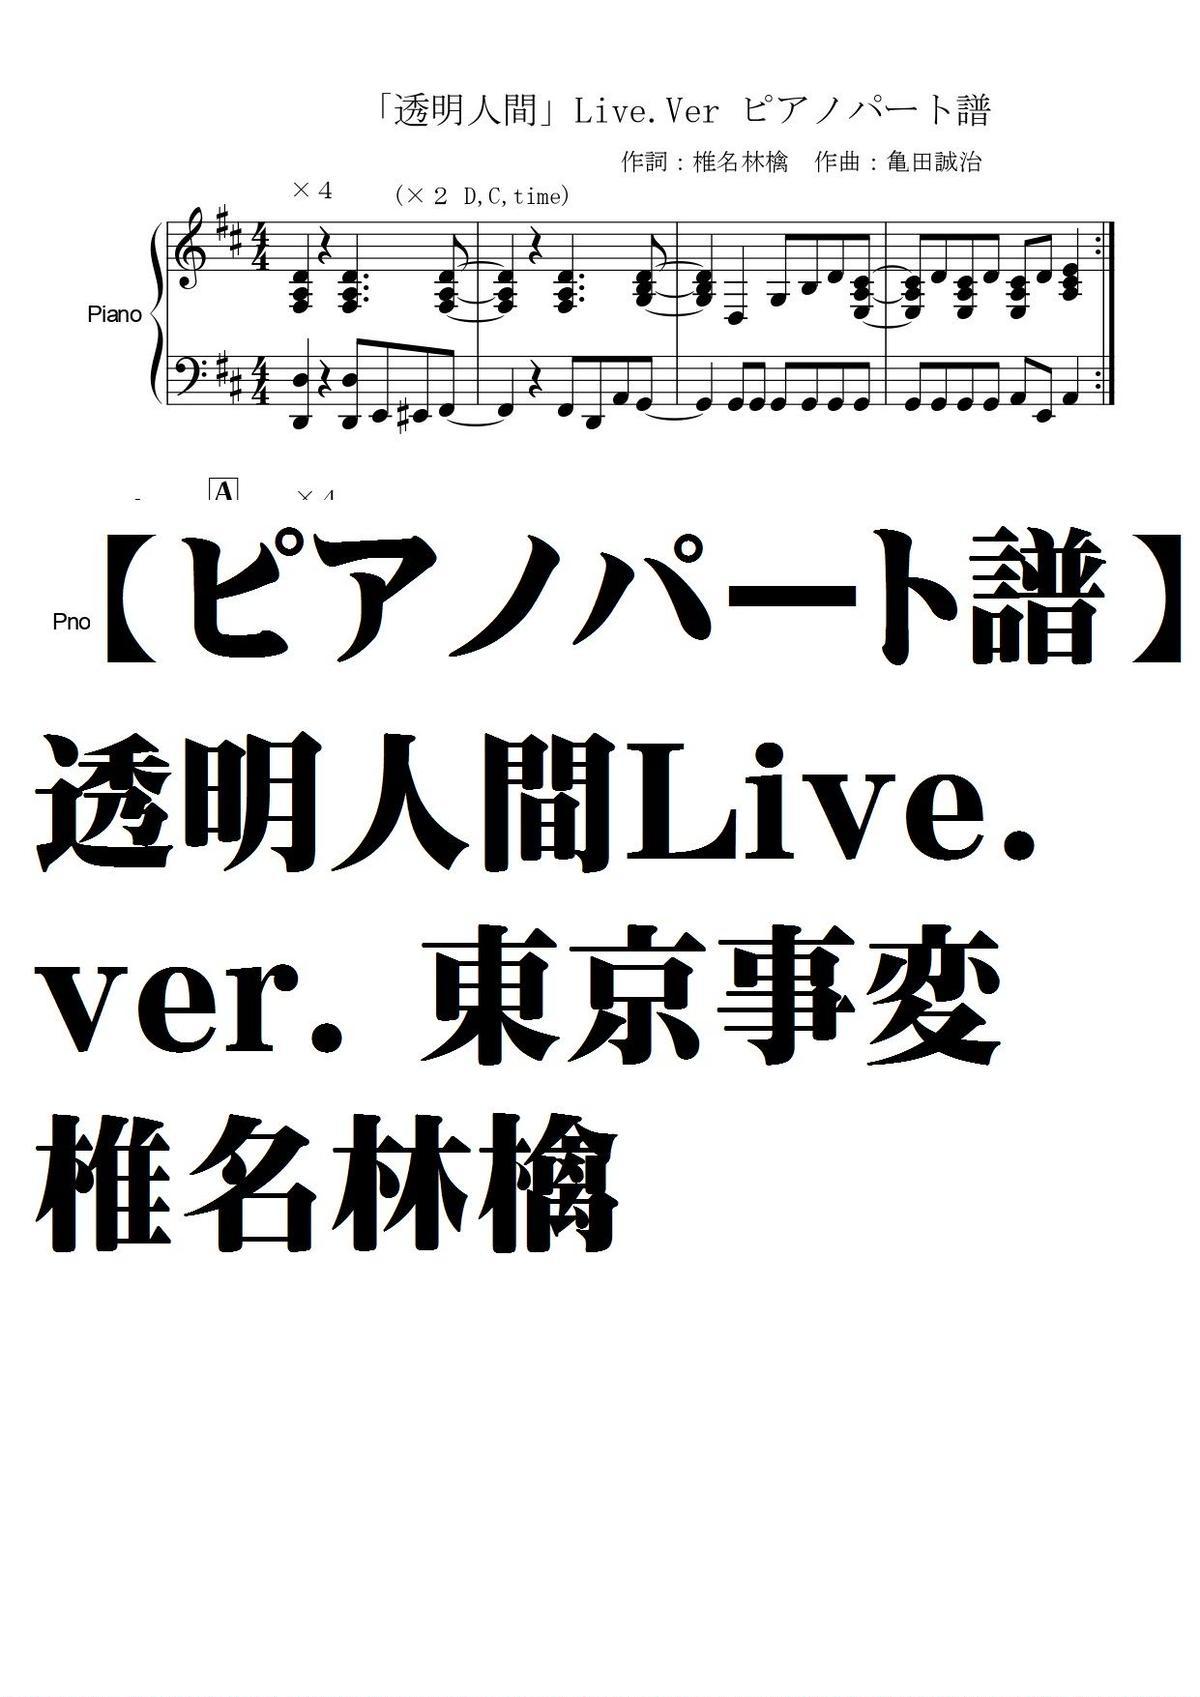 東京事変】透明人間Live.verピアノパート | summer☆meron楽譜SHOP